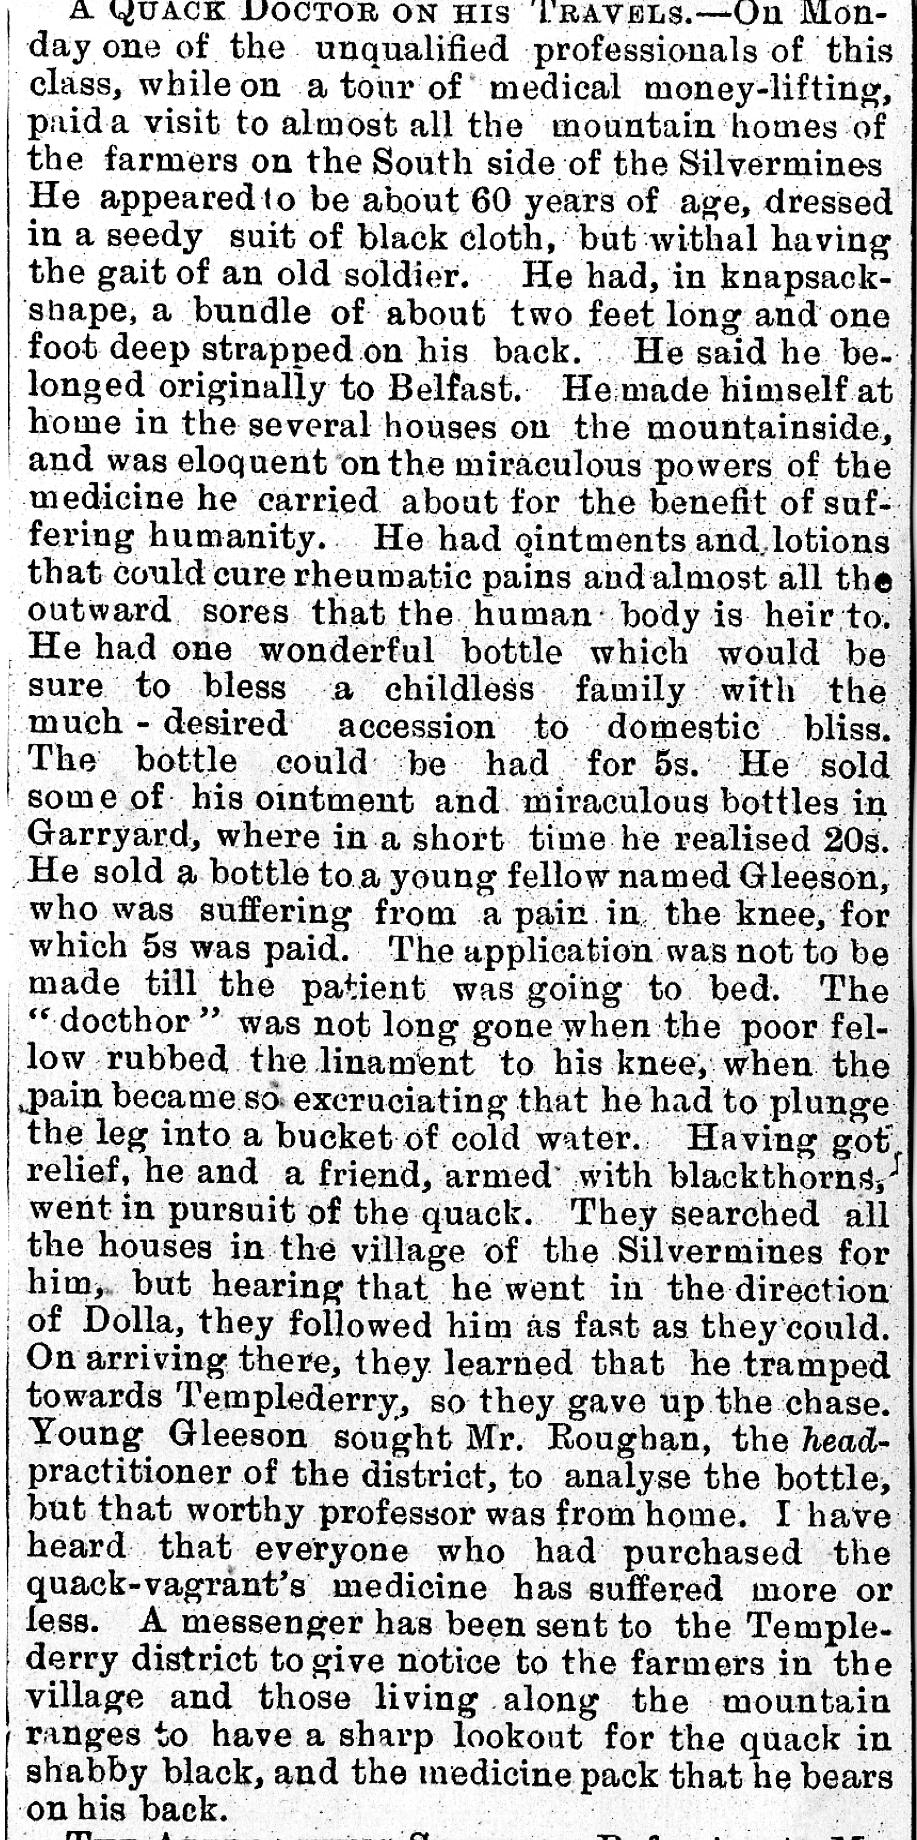 TFP 14 Dec 1880